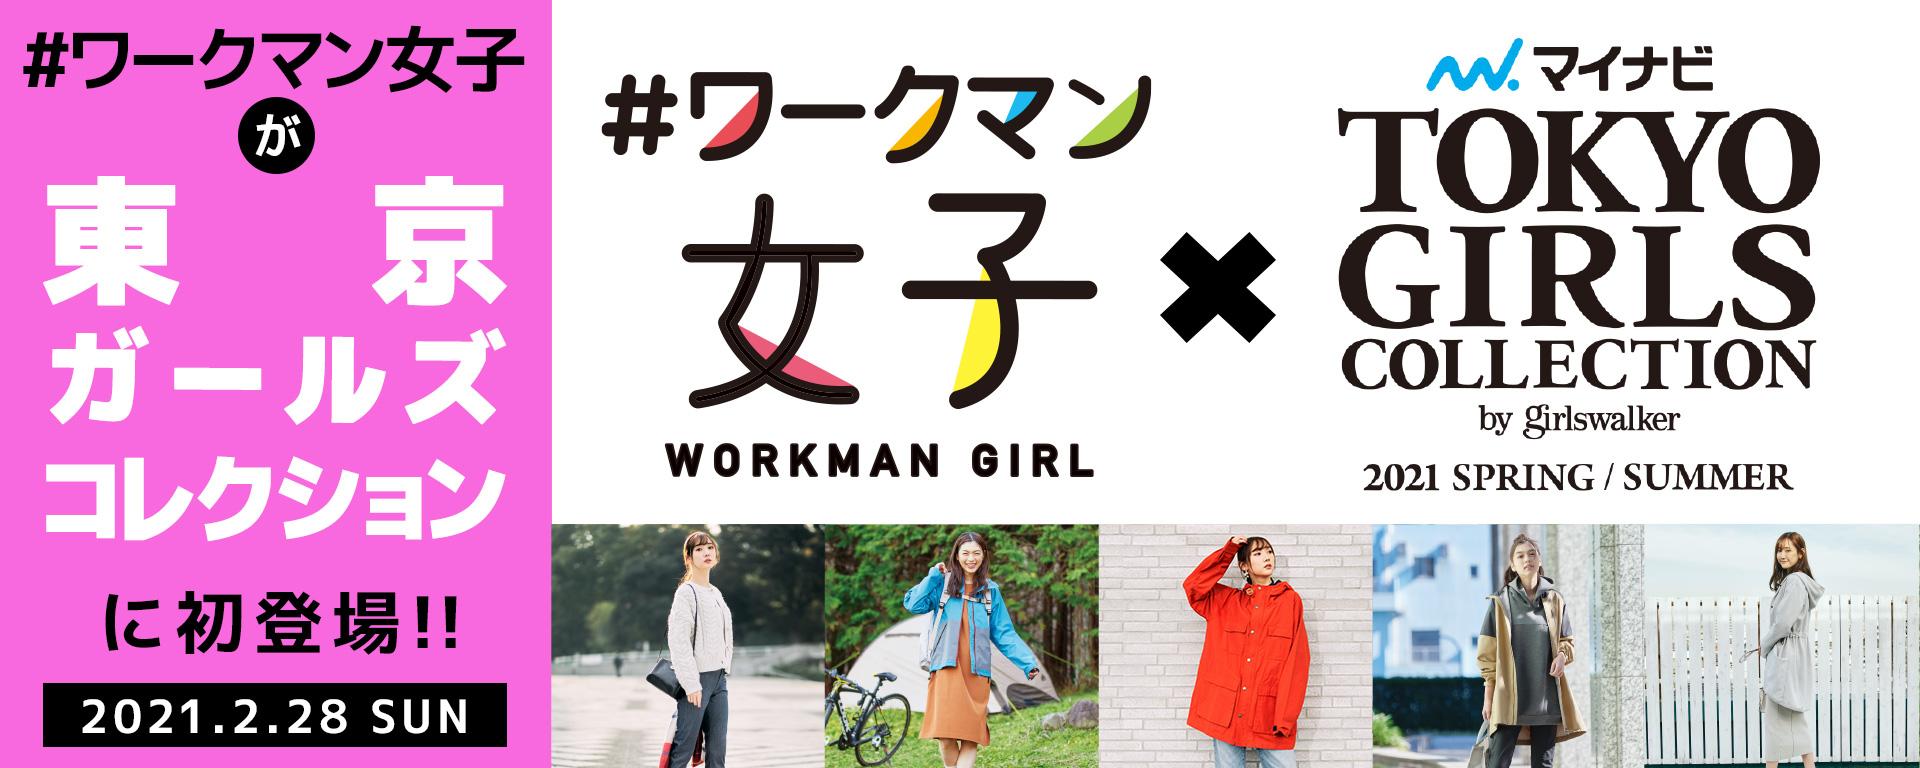 #ワークマン女子が「東京ガールズコレクション」に初登場!